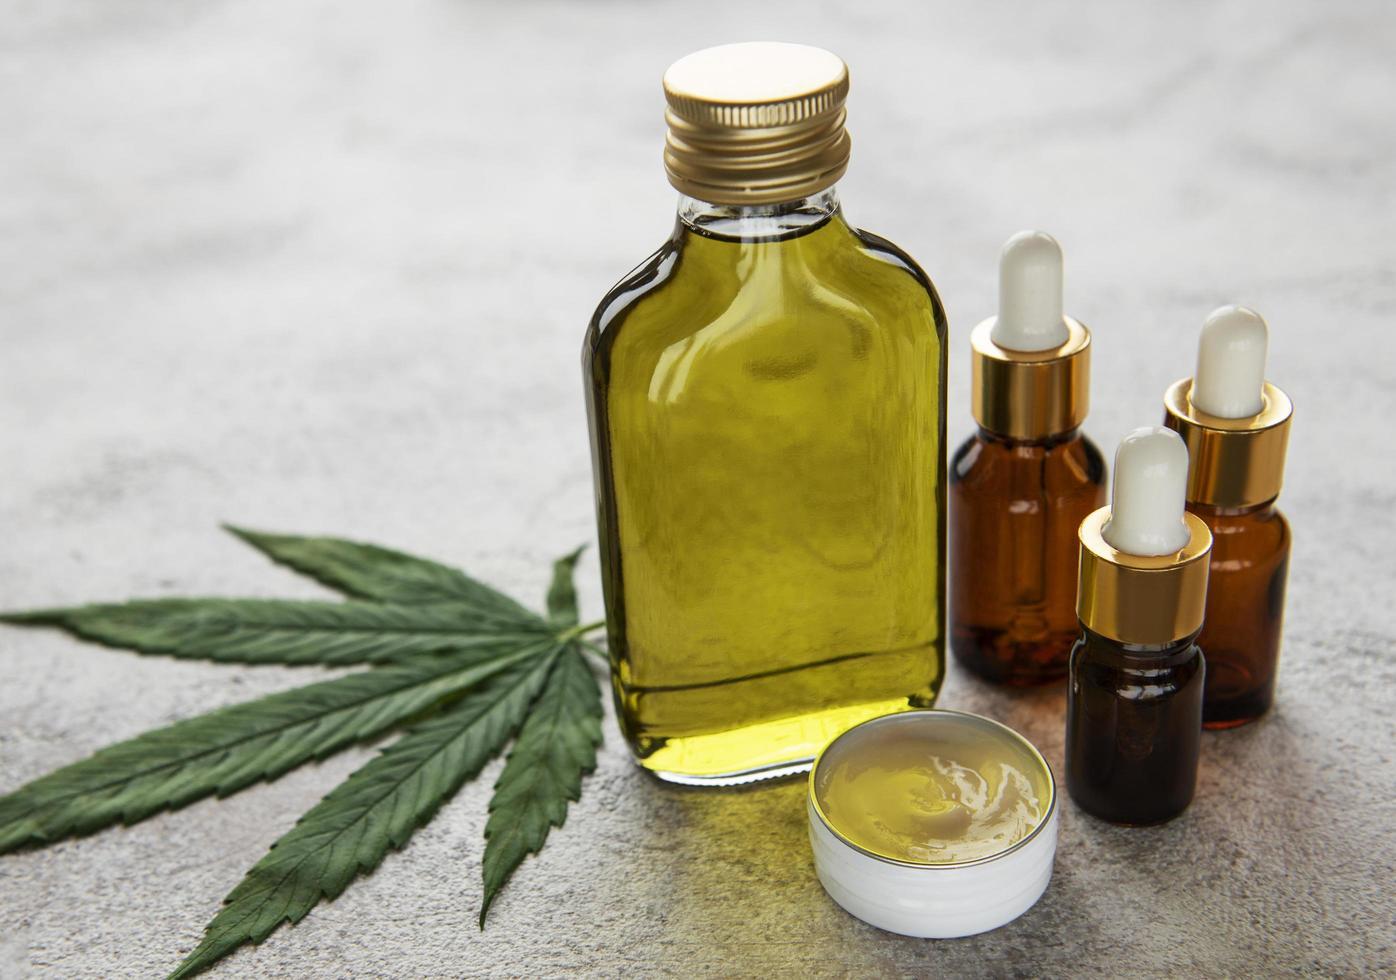 aceite de cbd, tintura de cáñamo, producto cosmético de cannabis para el cuidado de la piel foto